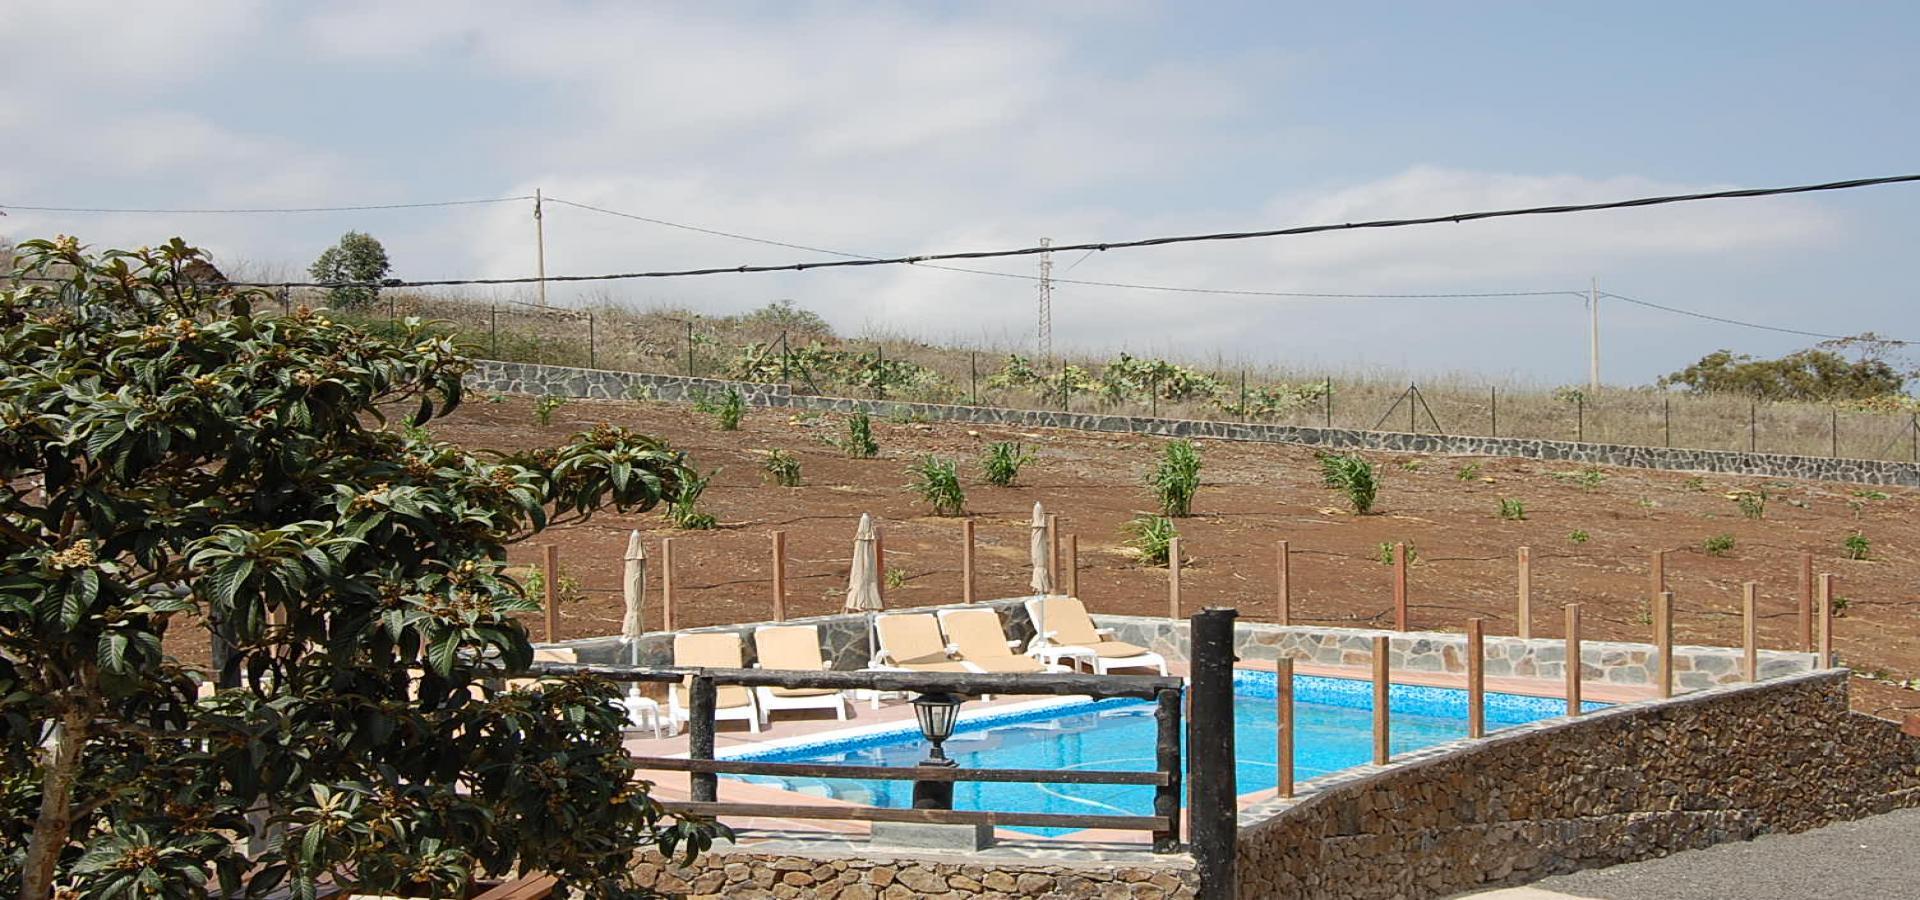 Casa rural cumbres borrascosas casas rurales en gran canaria arucas - Ofertas casas rurales gran canaria ...